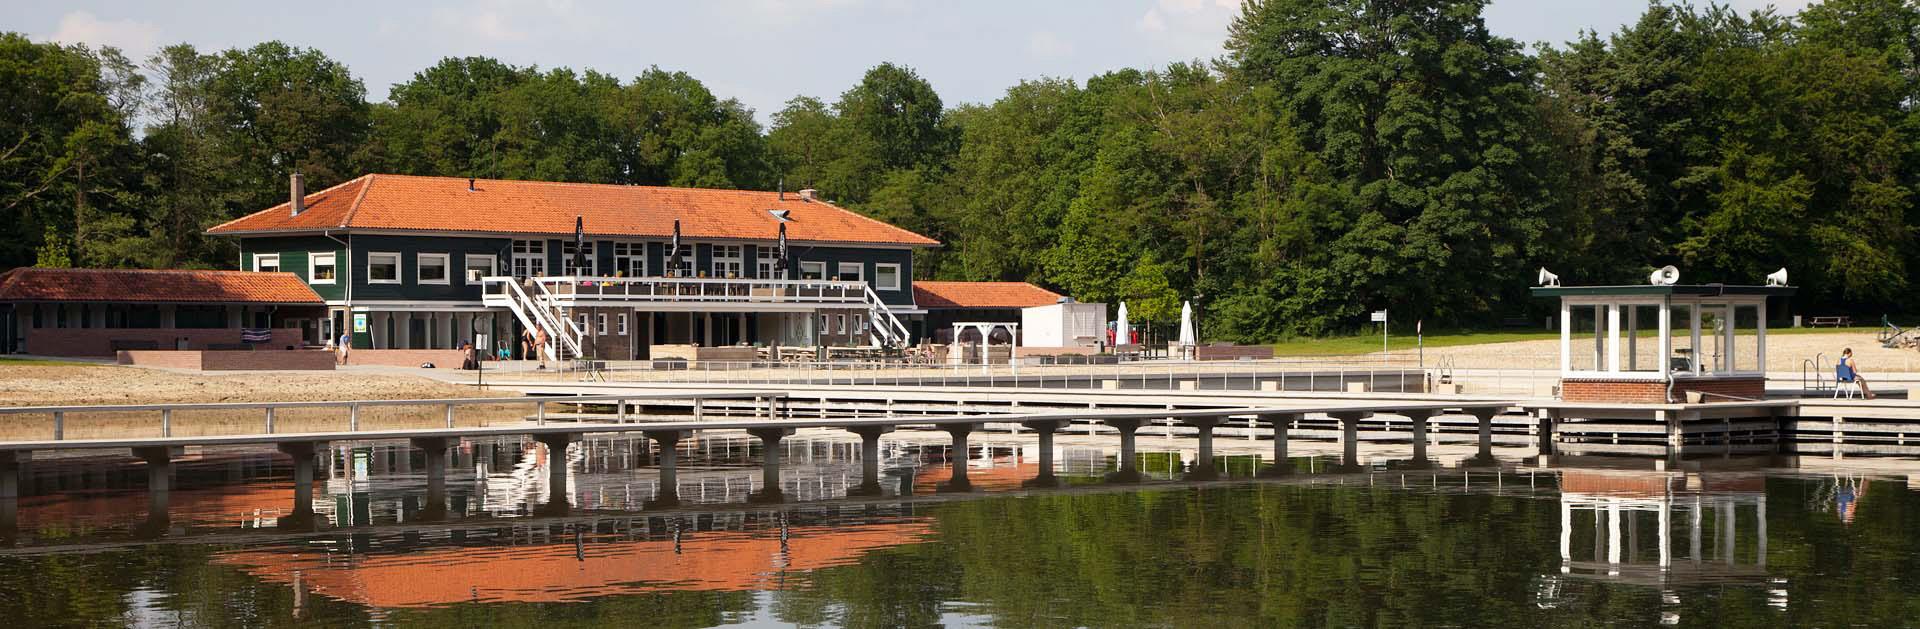 Zwem en openluchtbaden  Regio Achterhoek - Liemers